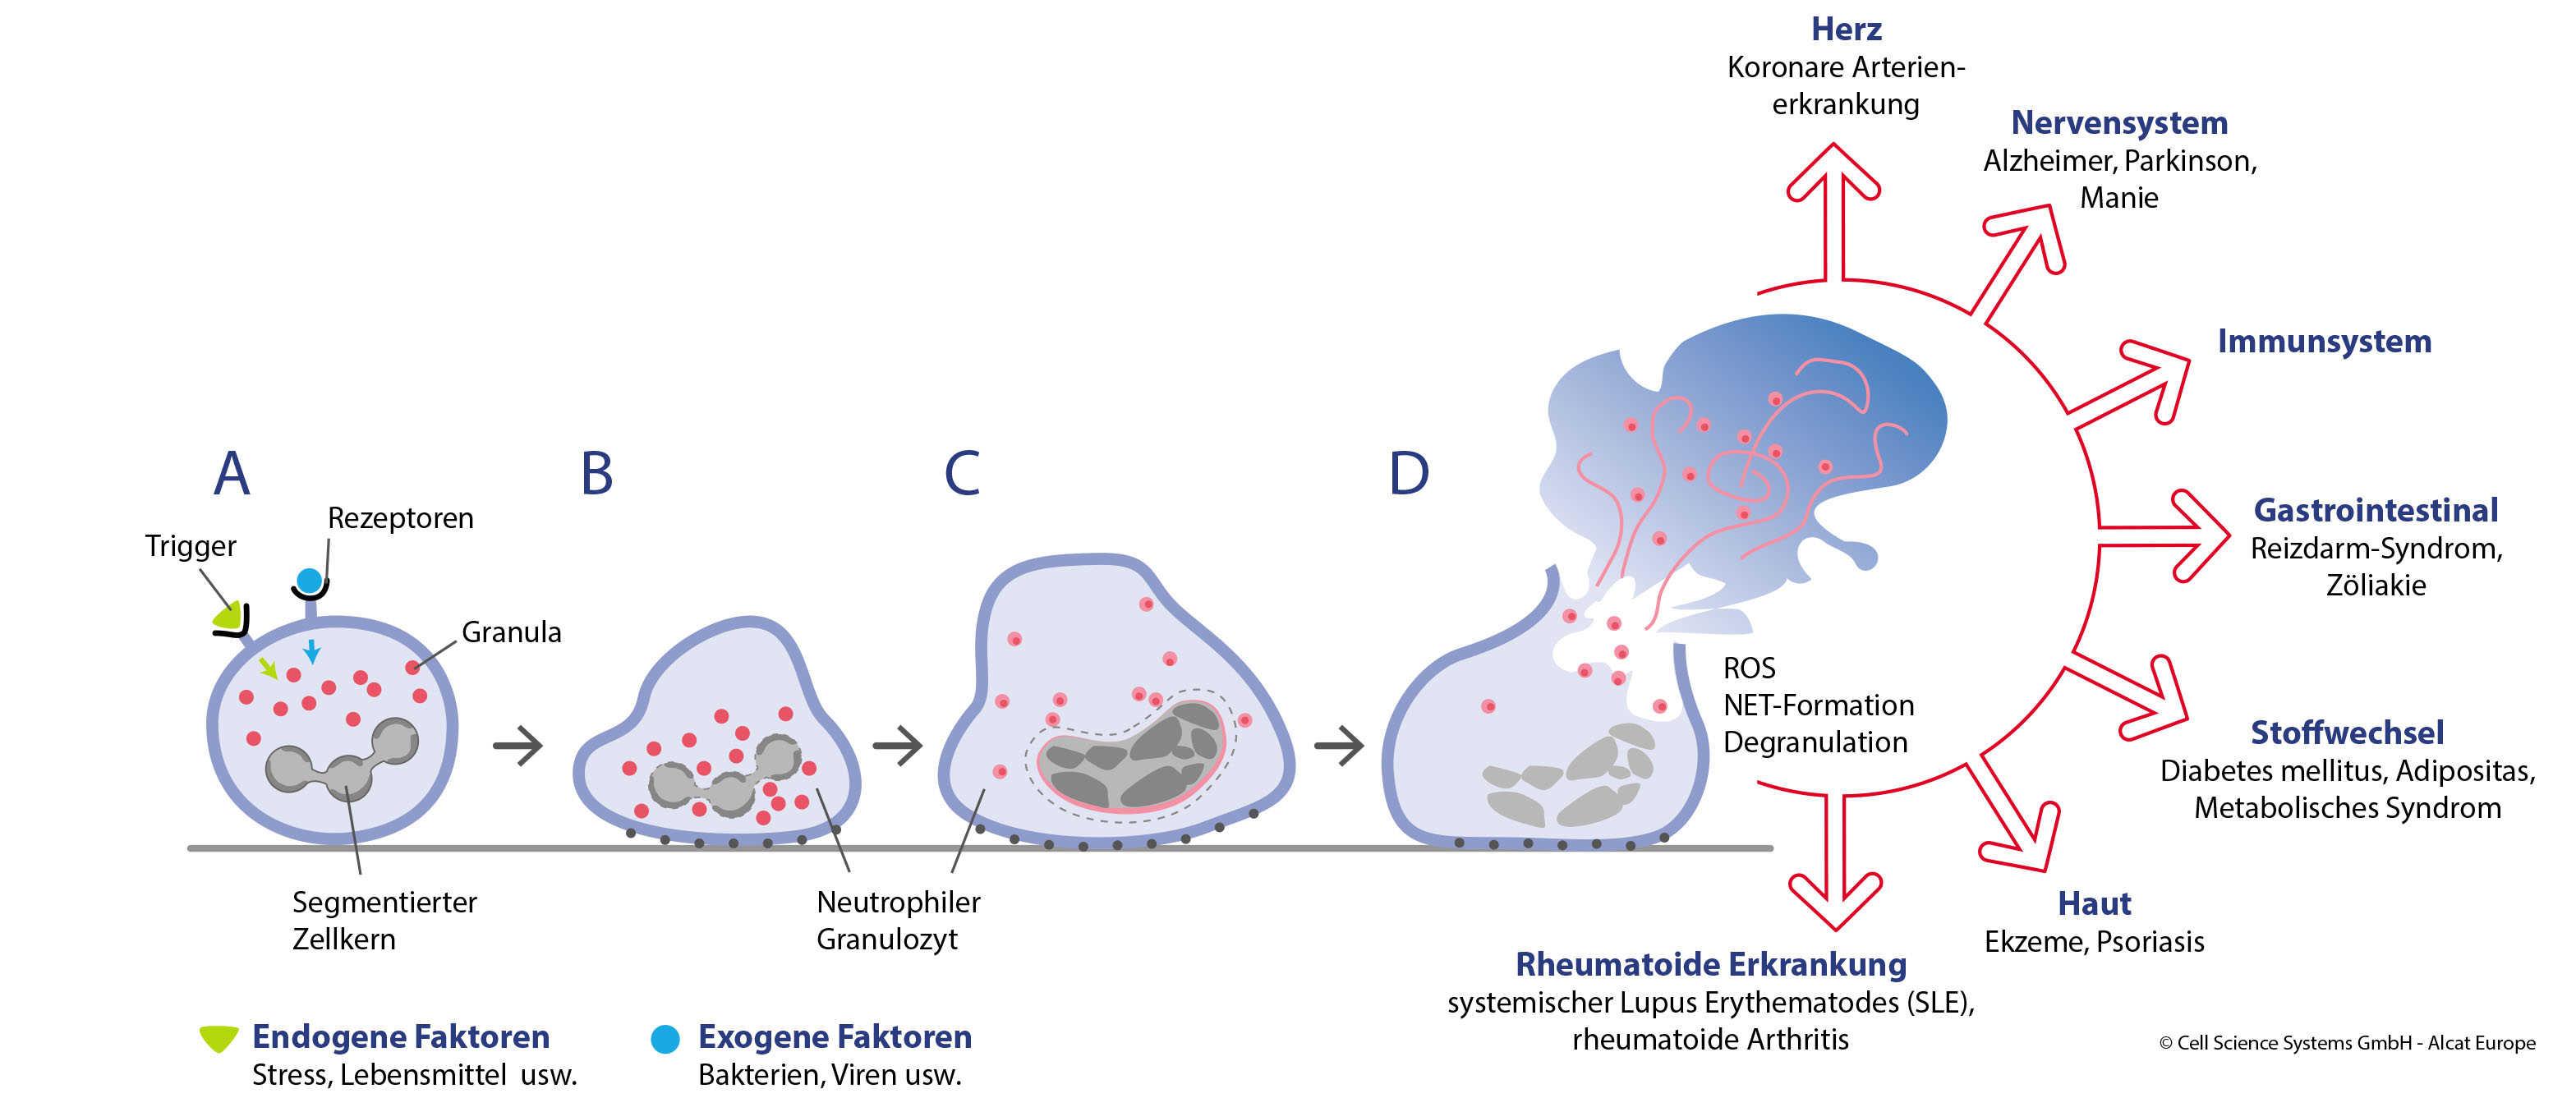 Grafik. Das Bild wird auf der Seite über Darm und Immunsystem verwendet.